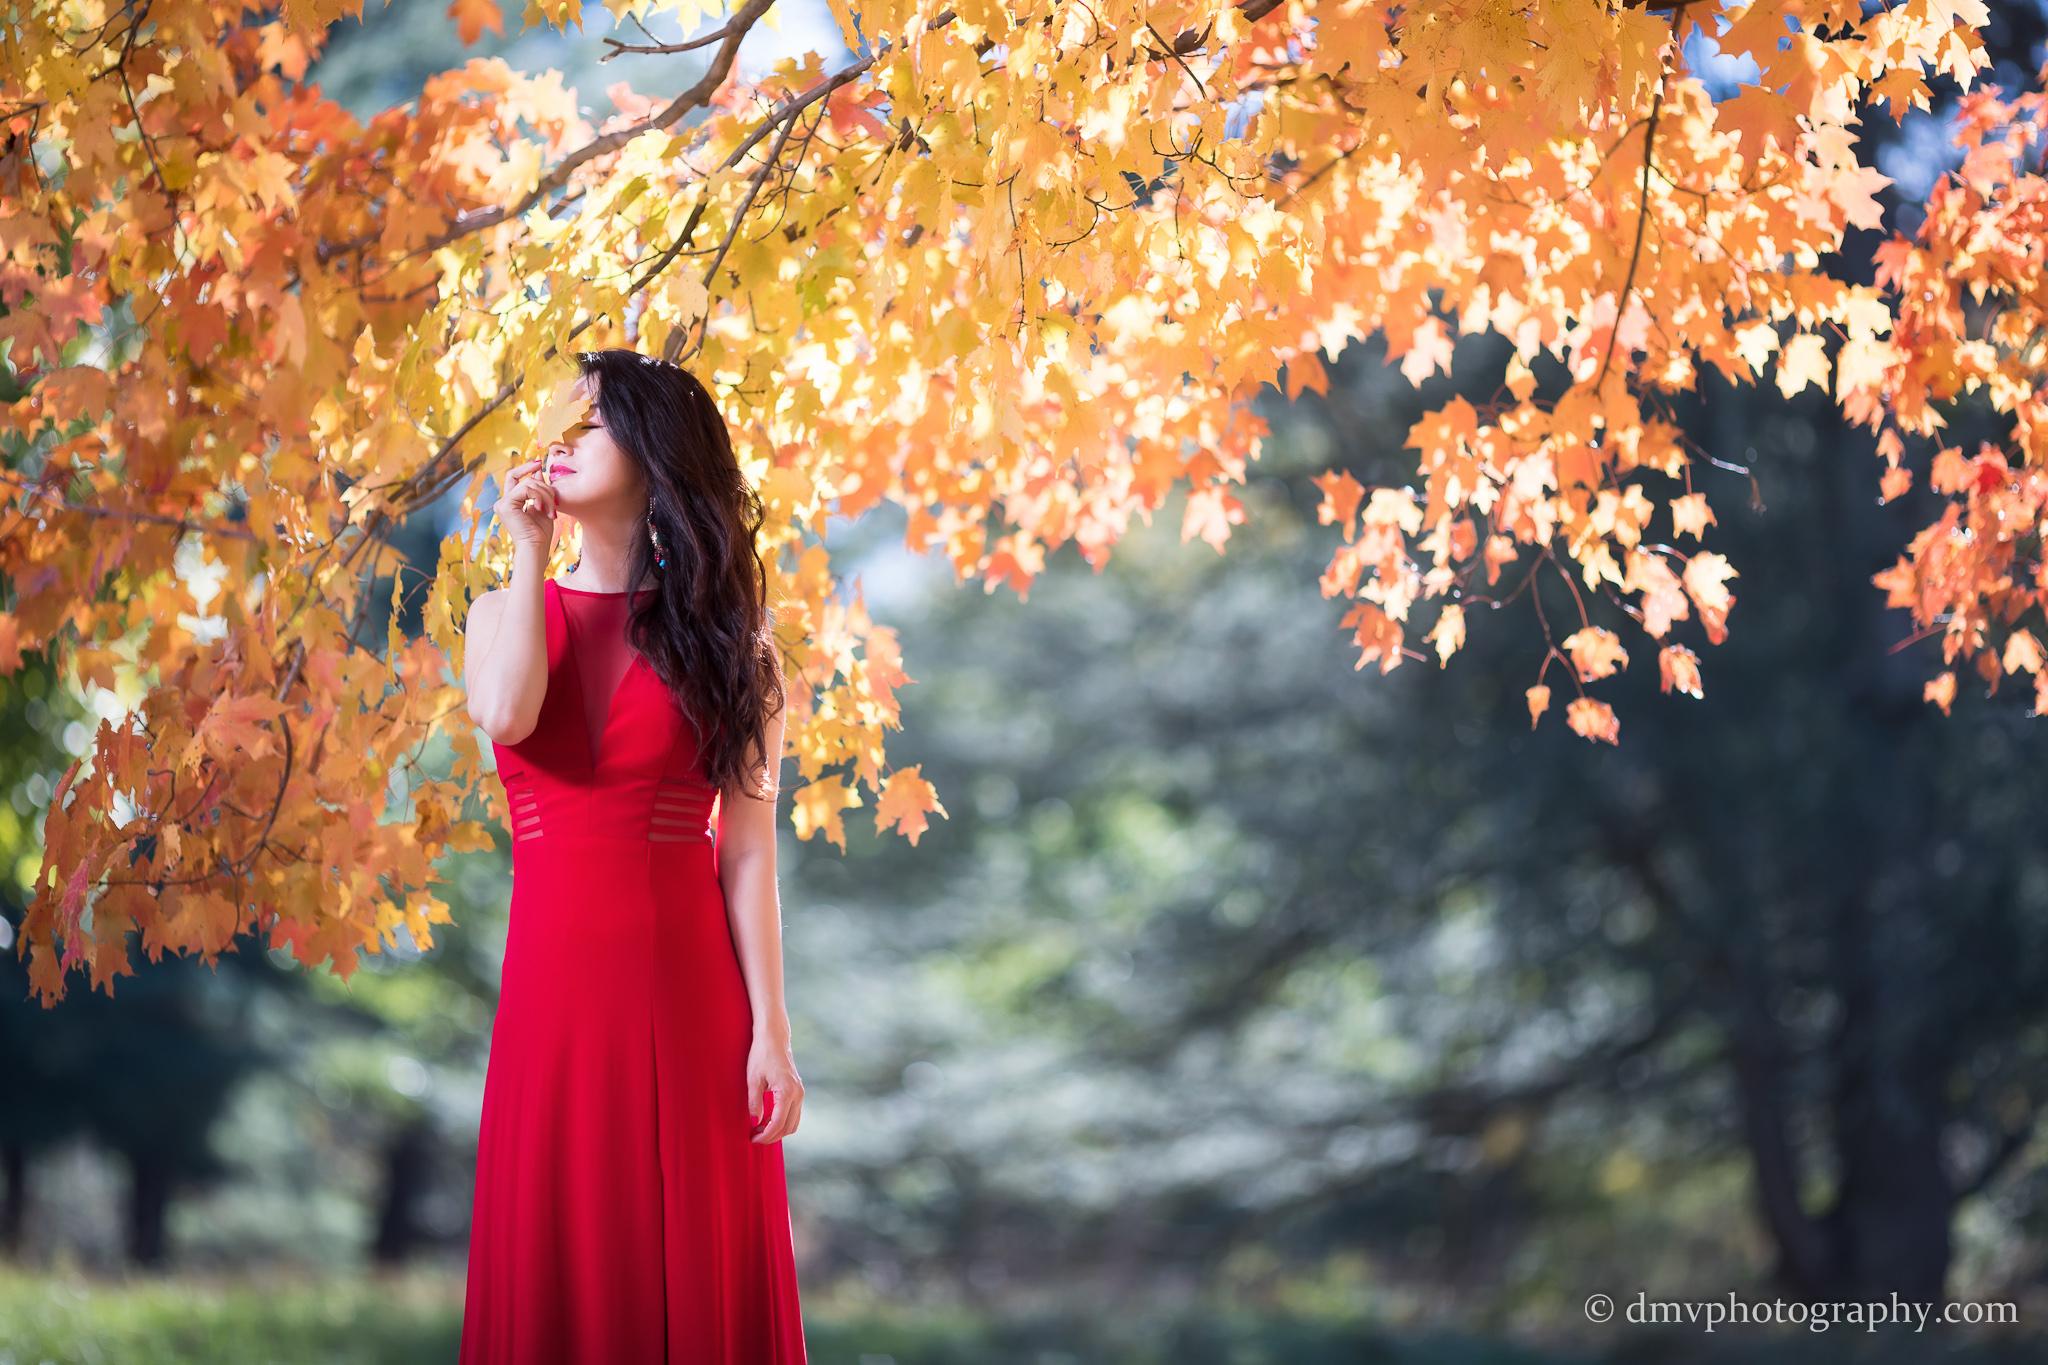 2016-10-29 - Li Jie - 00001 - 00010